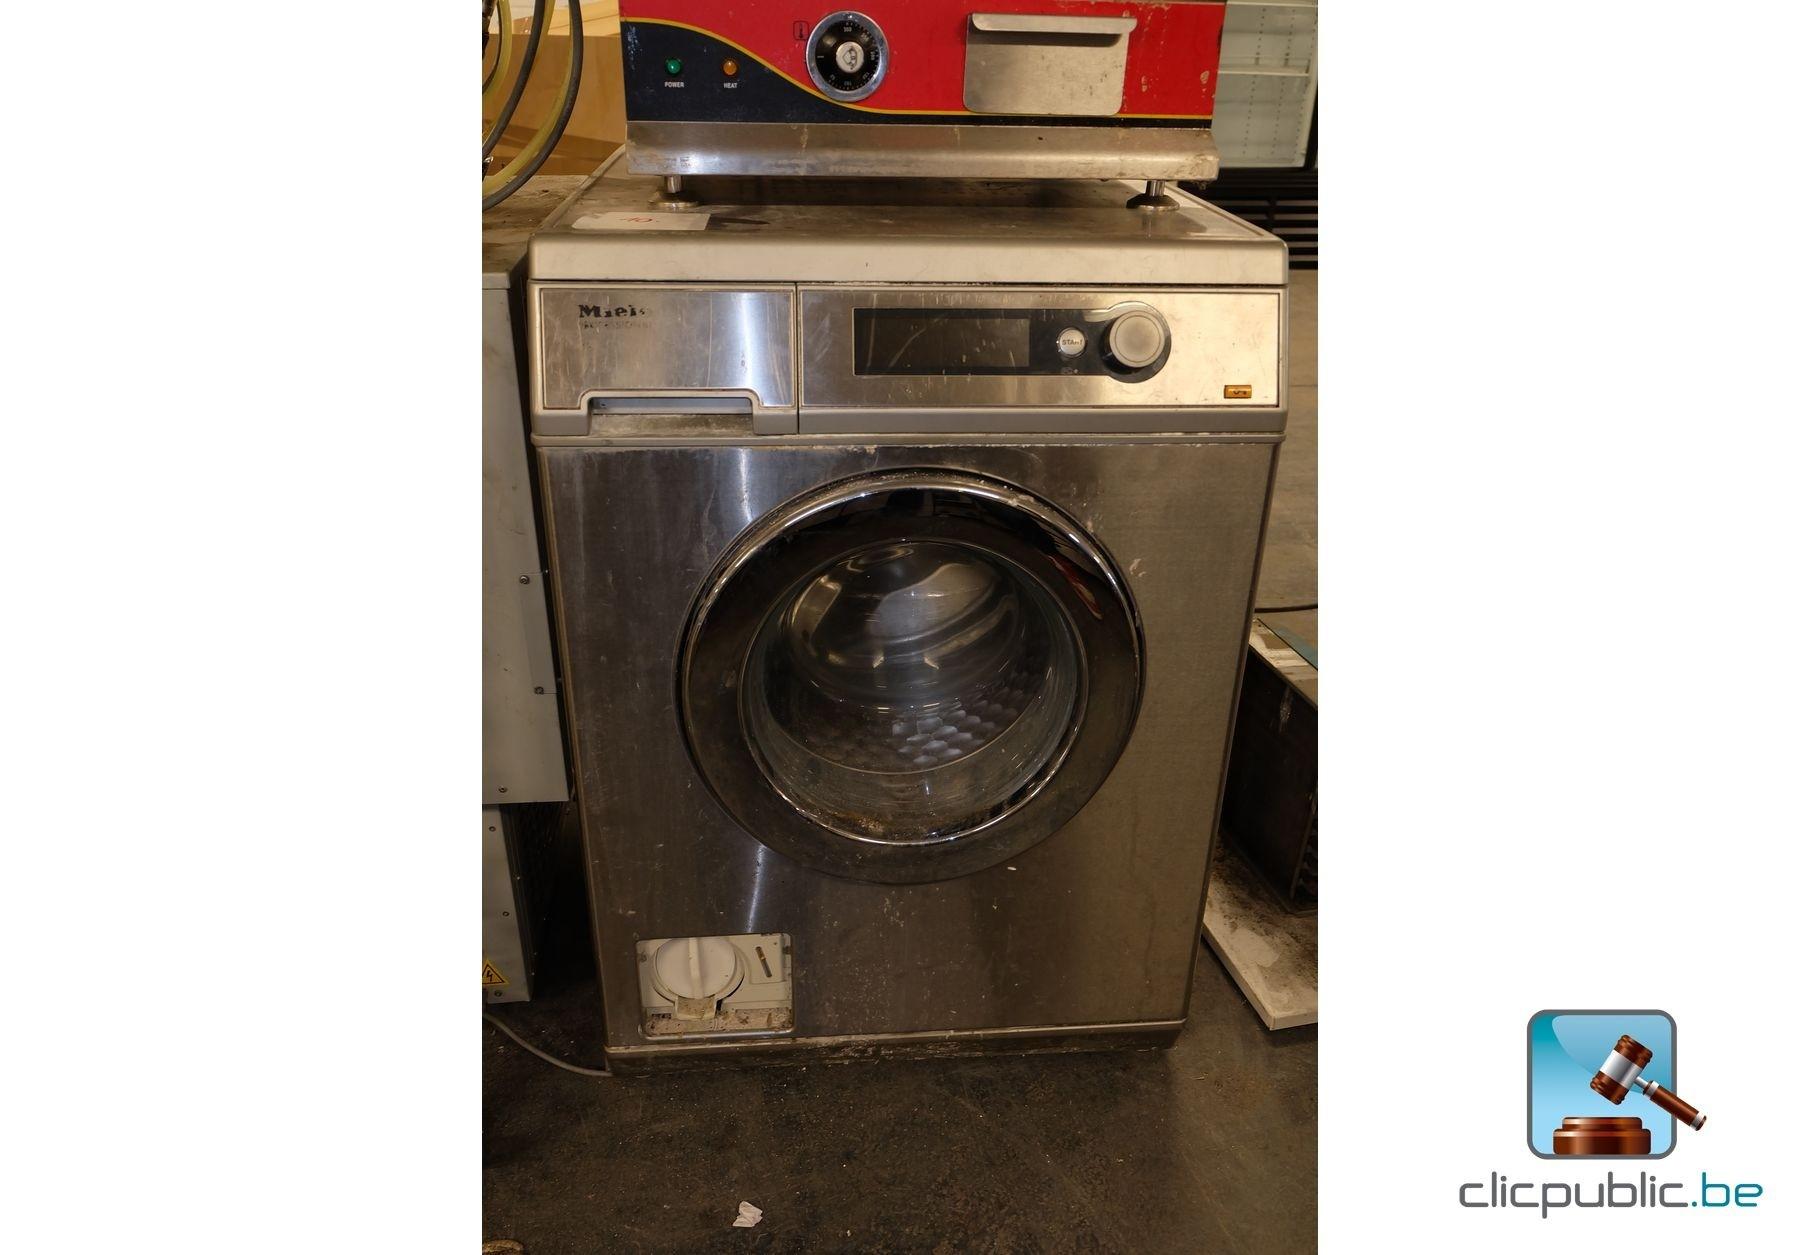 wash machine on sale